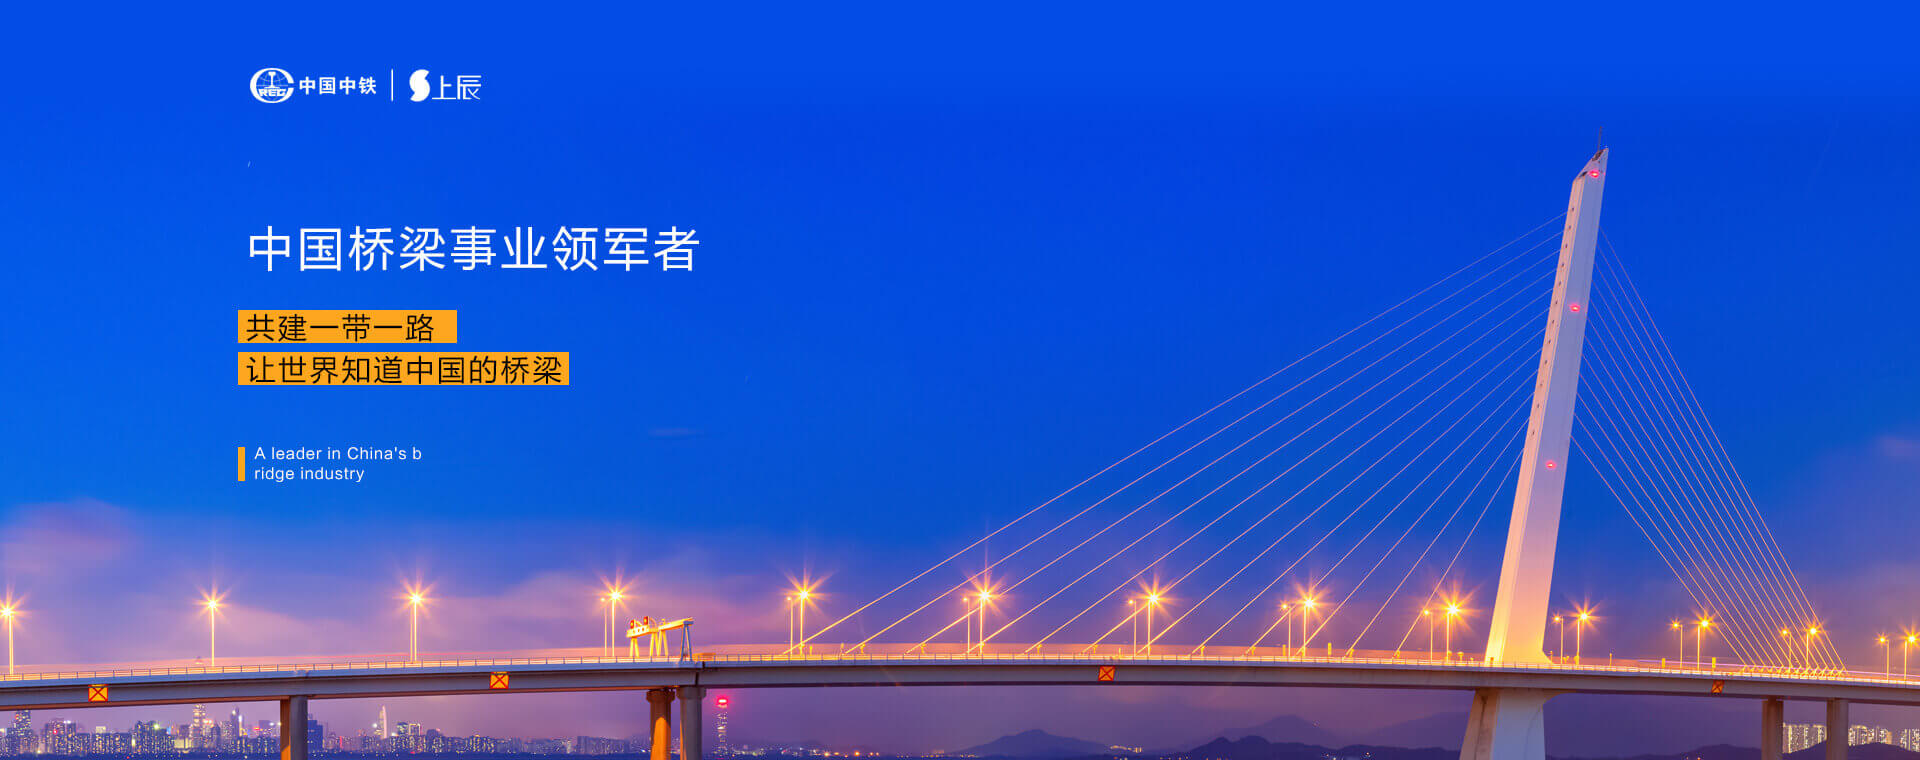 桥梁建设画册设计-道路轨道公司宣传册设计案例